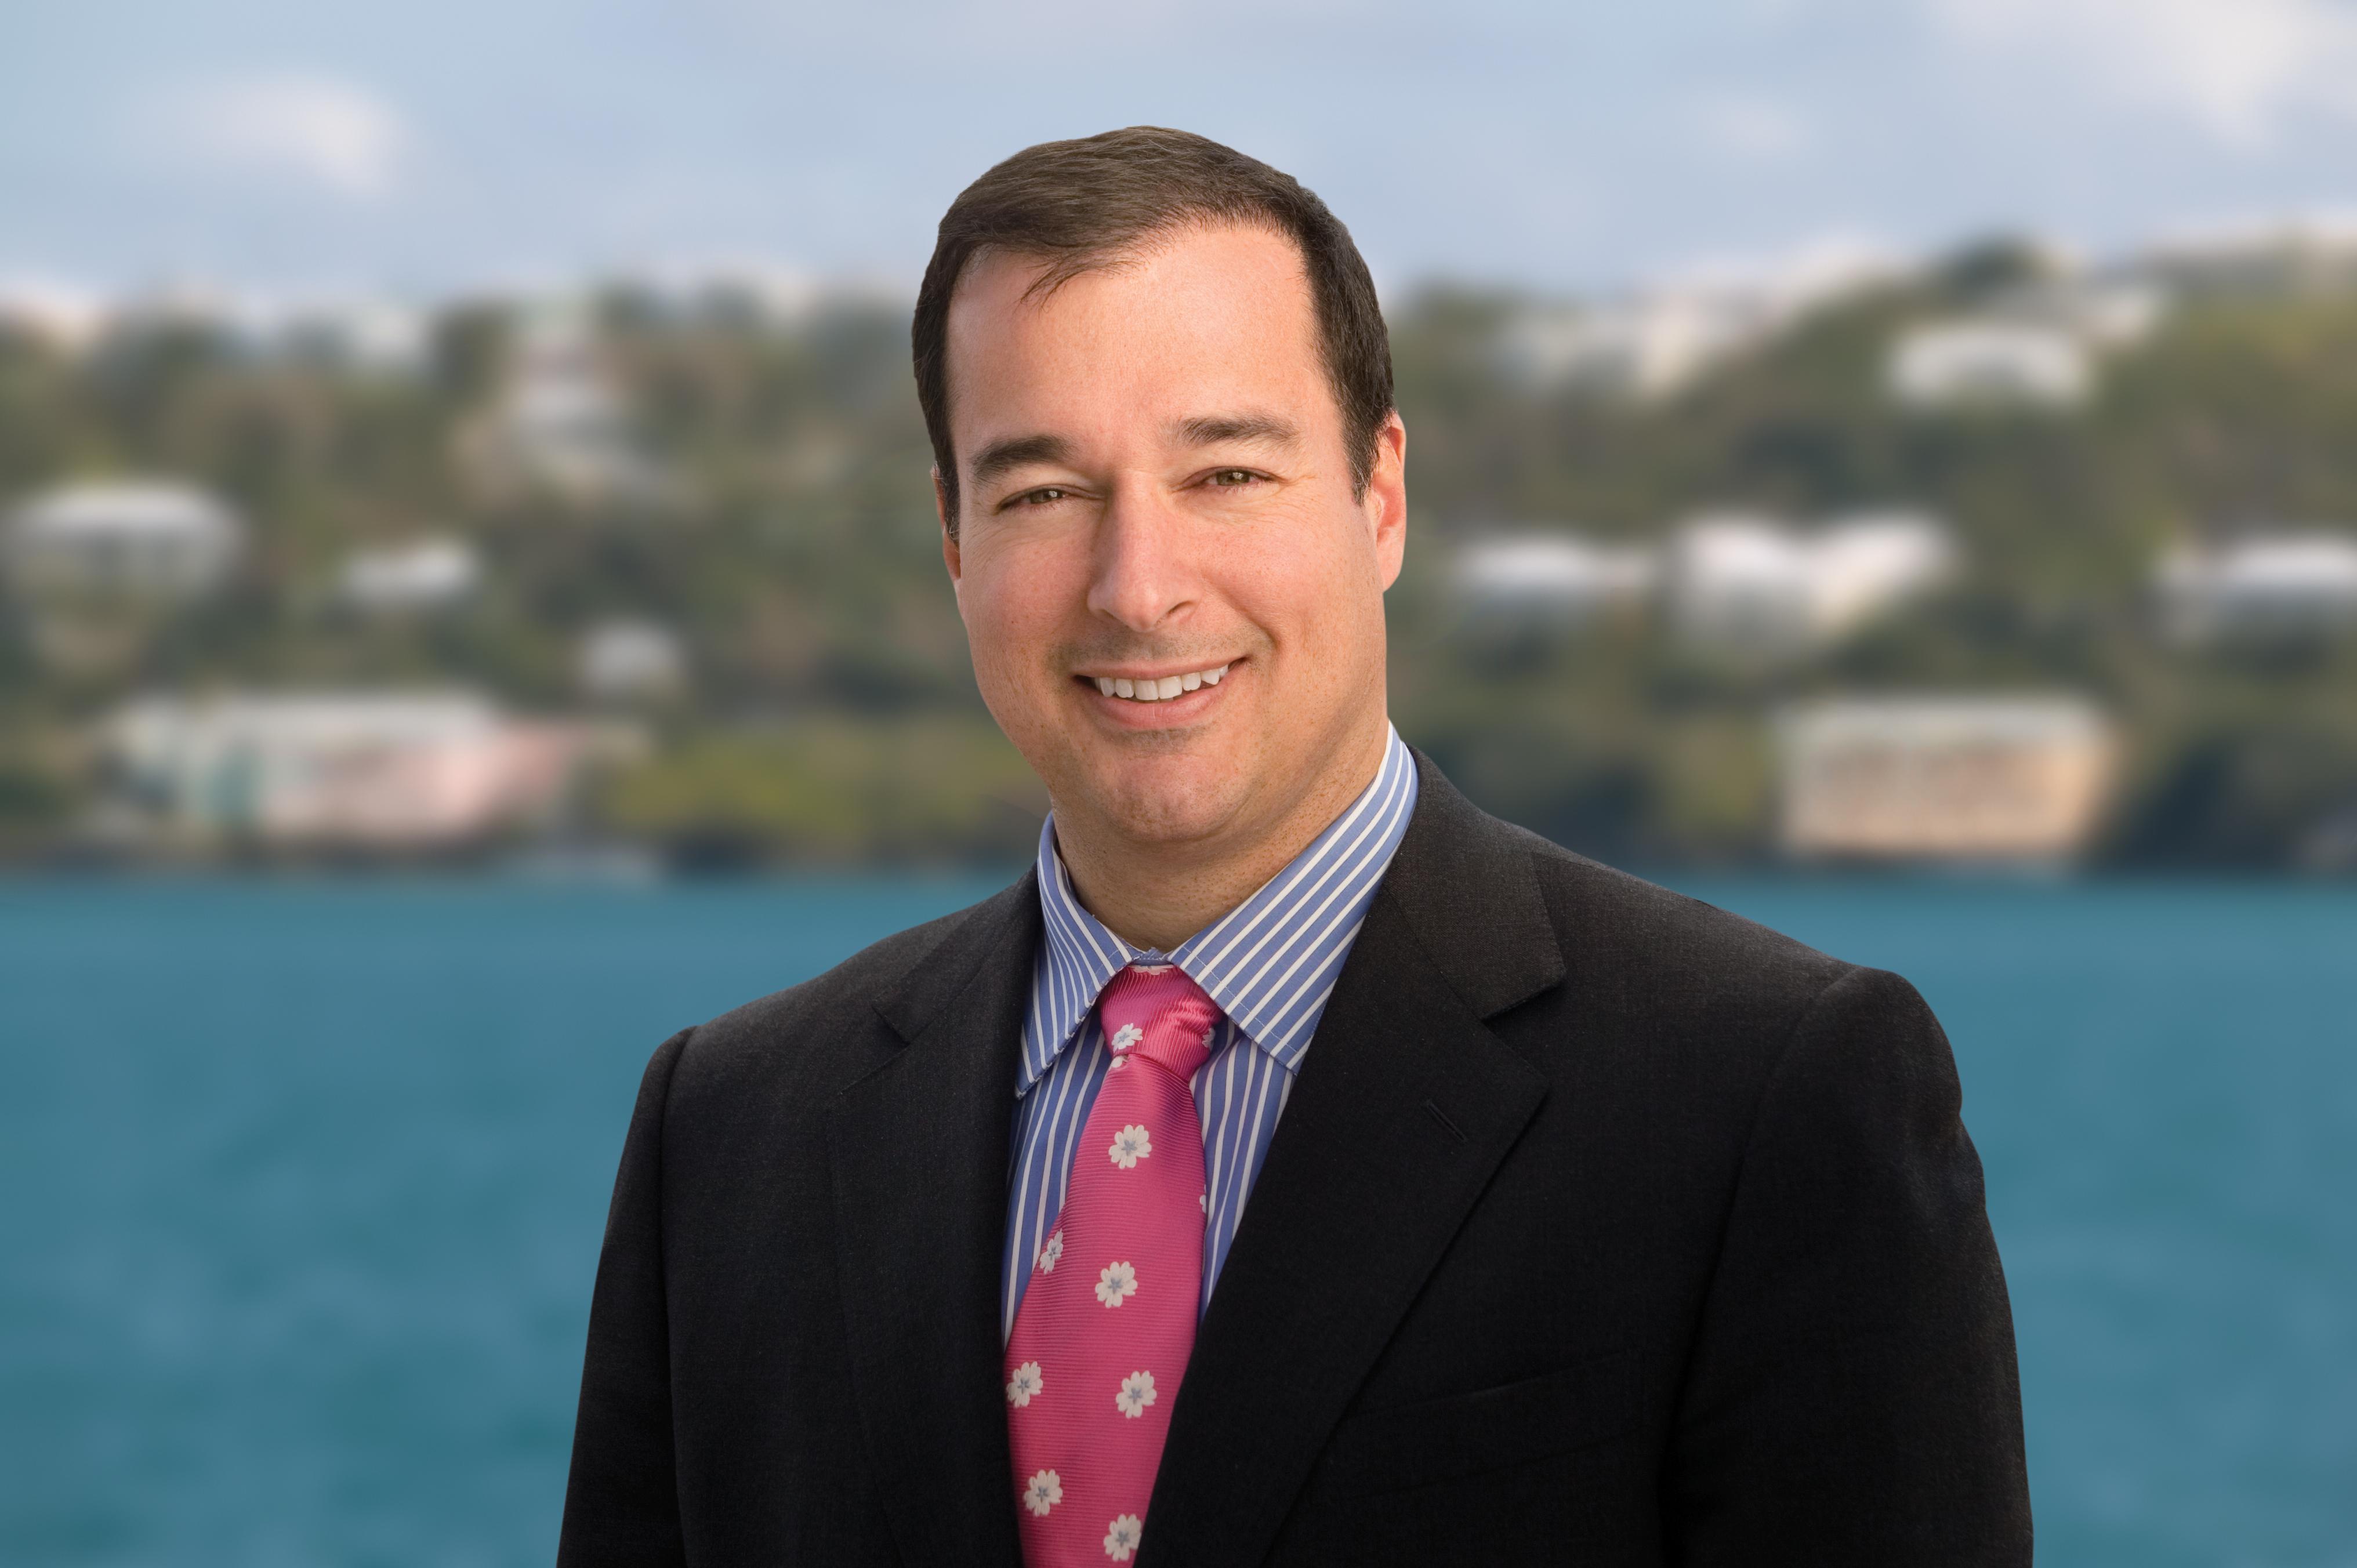 Facundo L. Bacardi, président du conseil d'administration de Bacardi Limited (Photo : Business Wire)